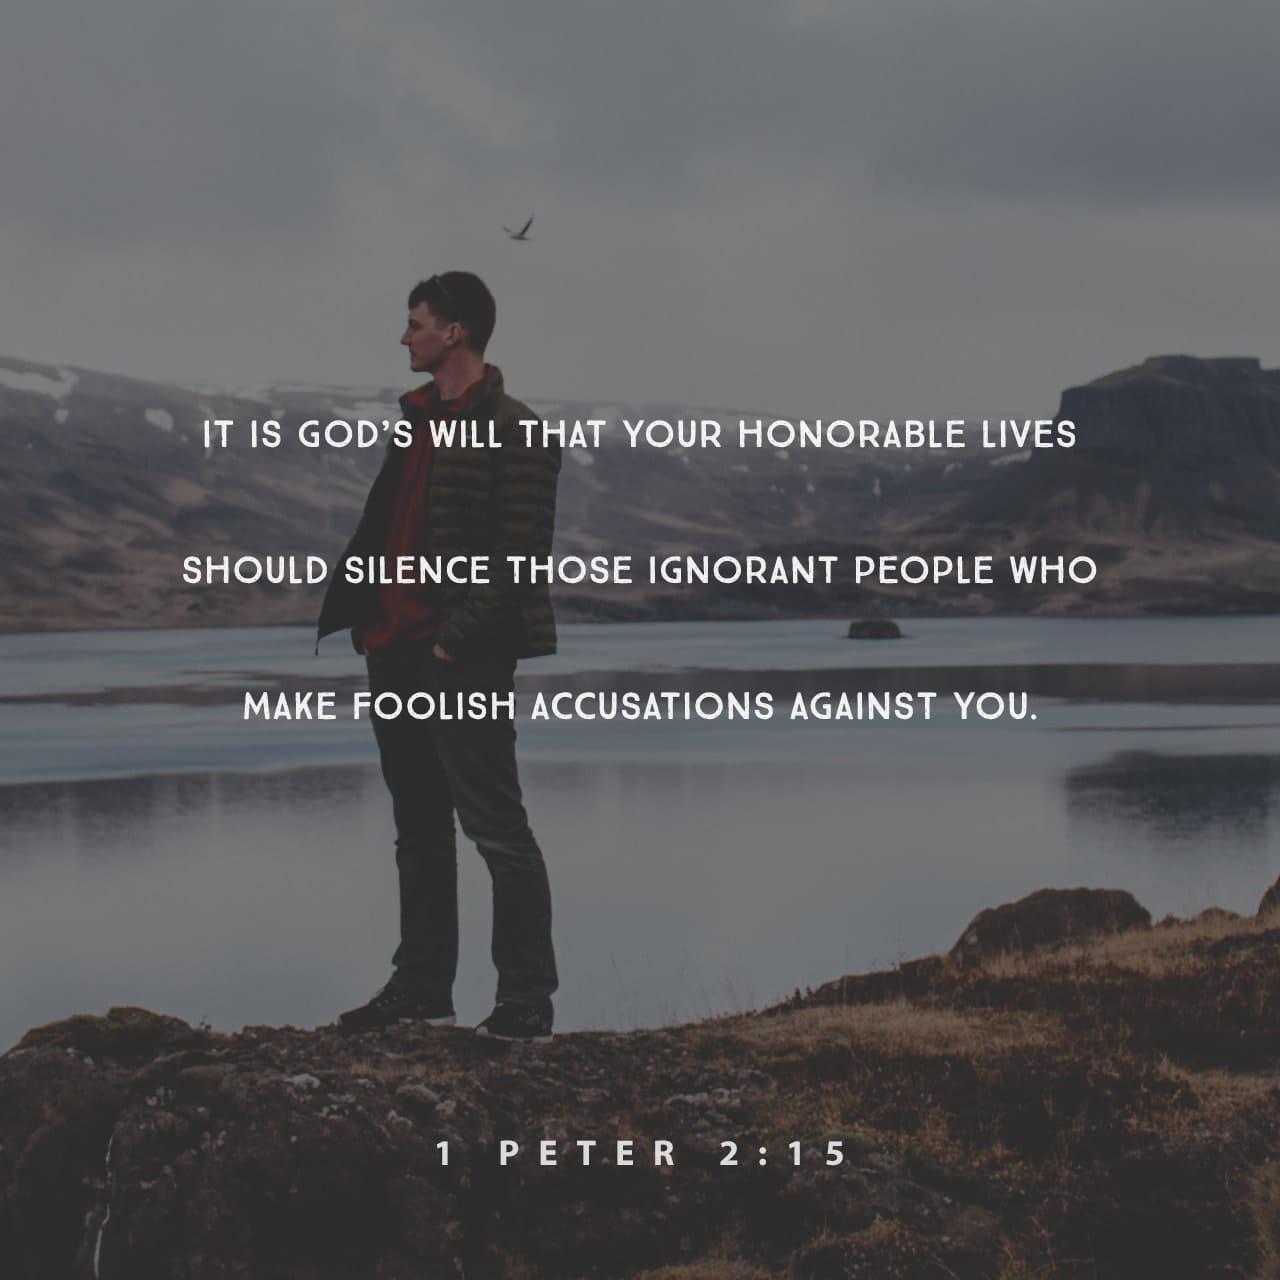 1 Pedro 2:15 La voluntad de Dios es que la vida honorable de ustedes haga callar a la gente ignorante que los acusa sin fundamento alguno. | Nueva Traducción Viviente (NTV)